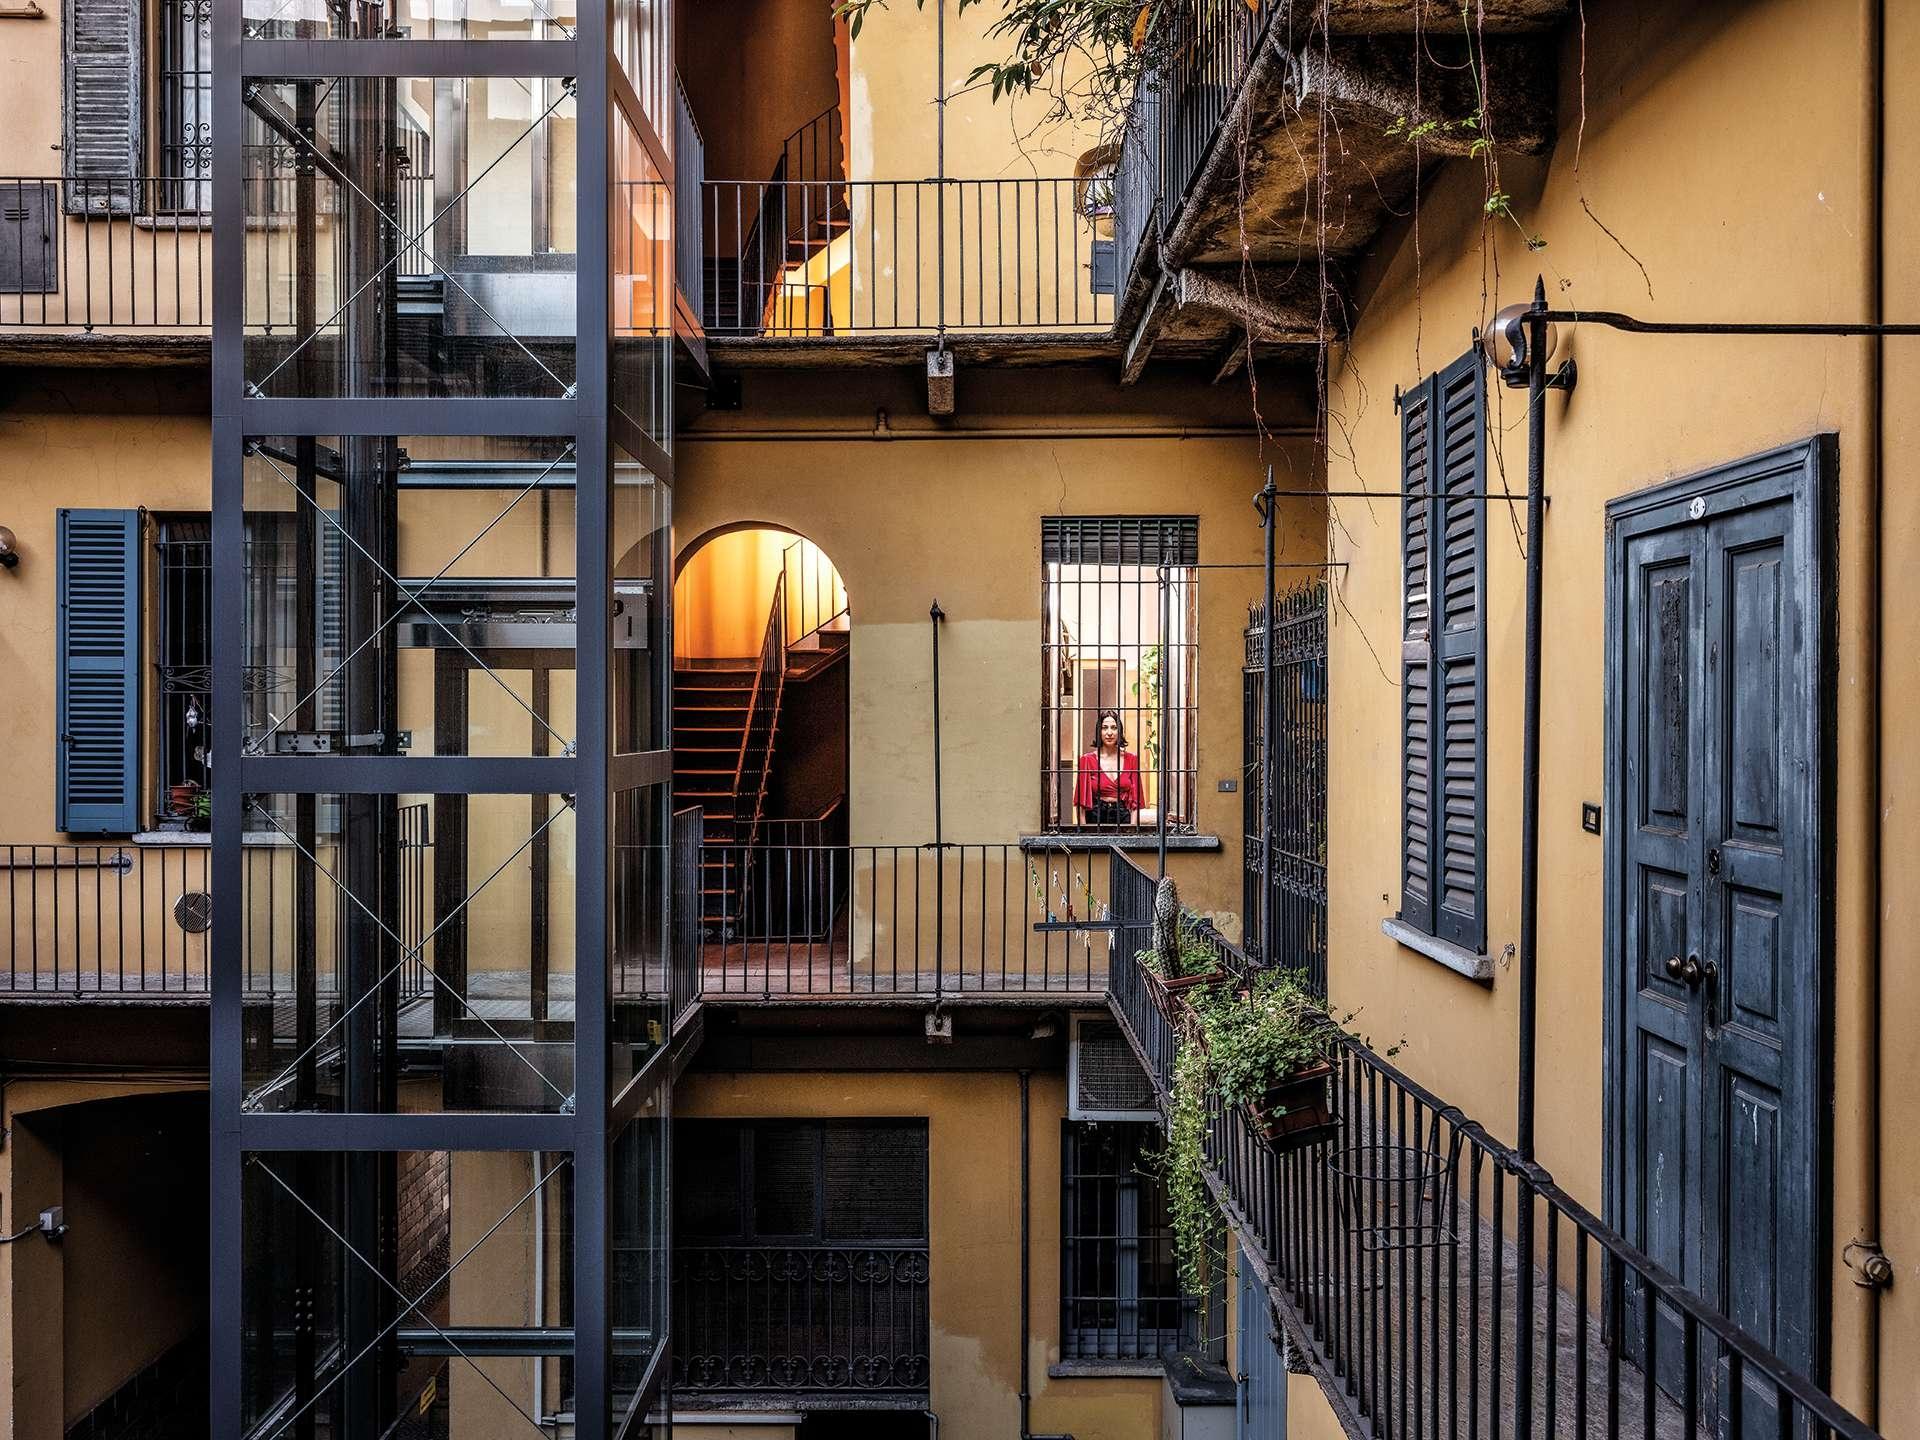 封鎖期間,莉貝卡.卡薩雷居住的米蘭夜店區一片空寂。「我很寂寞。」她說:「寂靜和空蕩蕩的空間讓一切顯得好不真實。」攝影:加布里爾.卡林伯迪